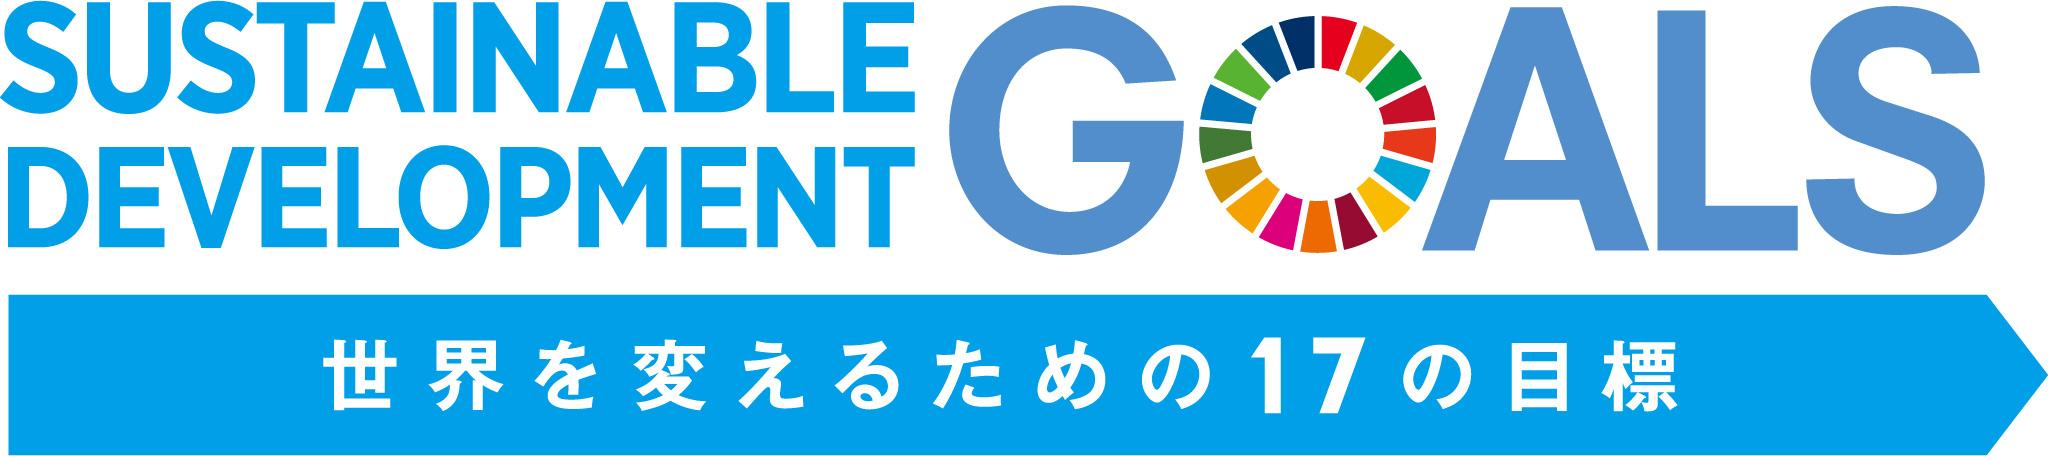 一市民として企業ができること【SDGs】